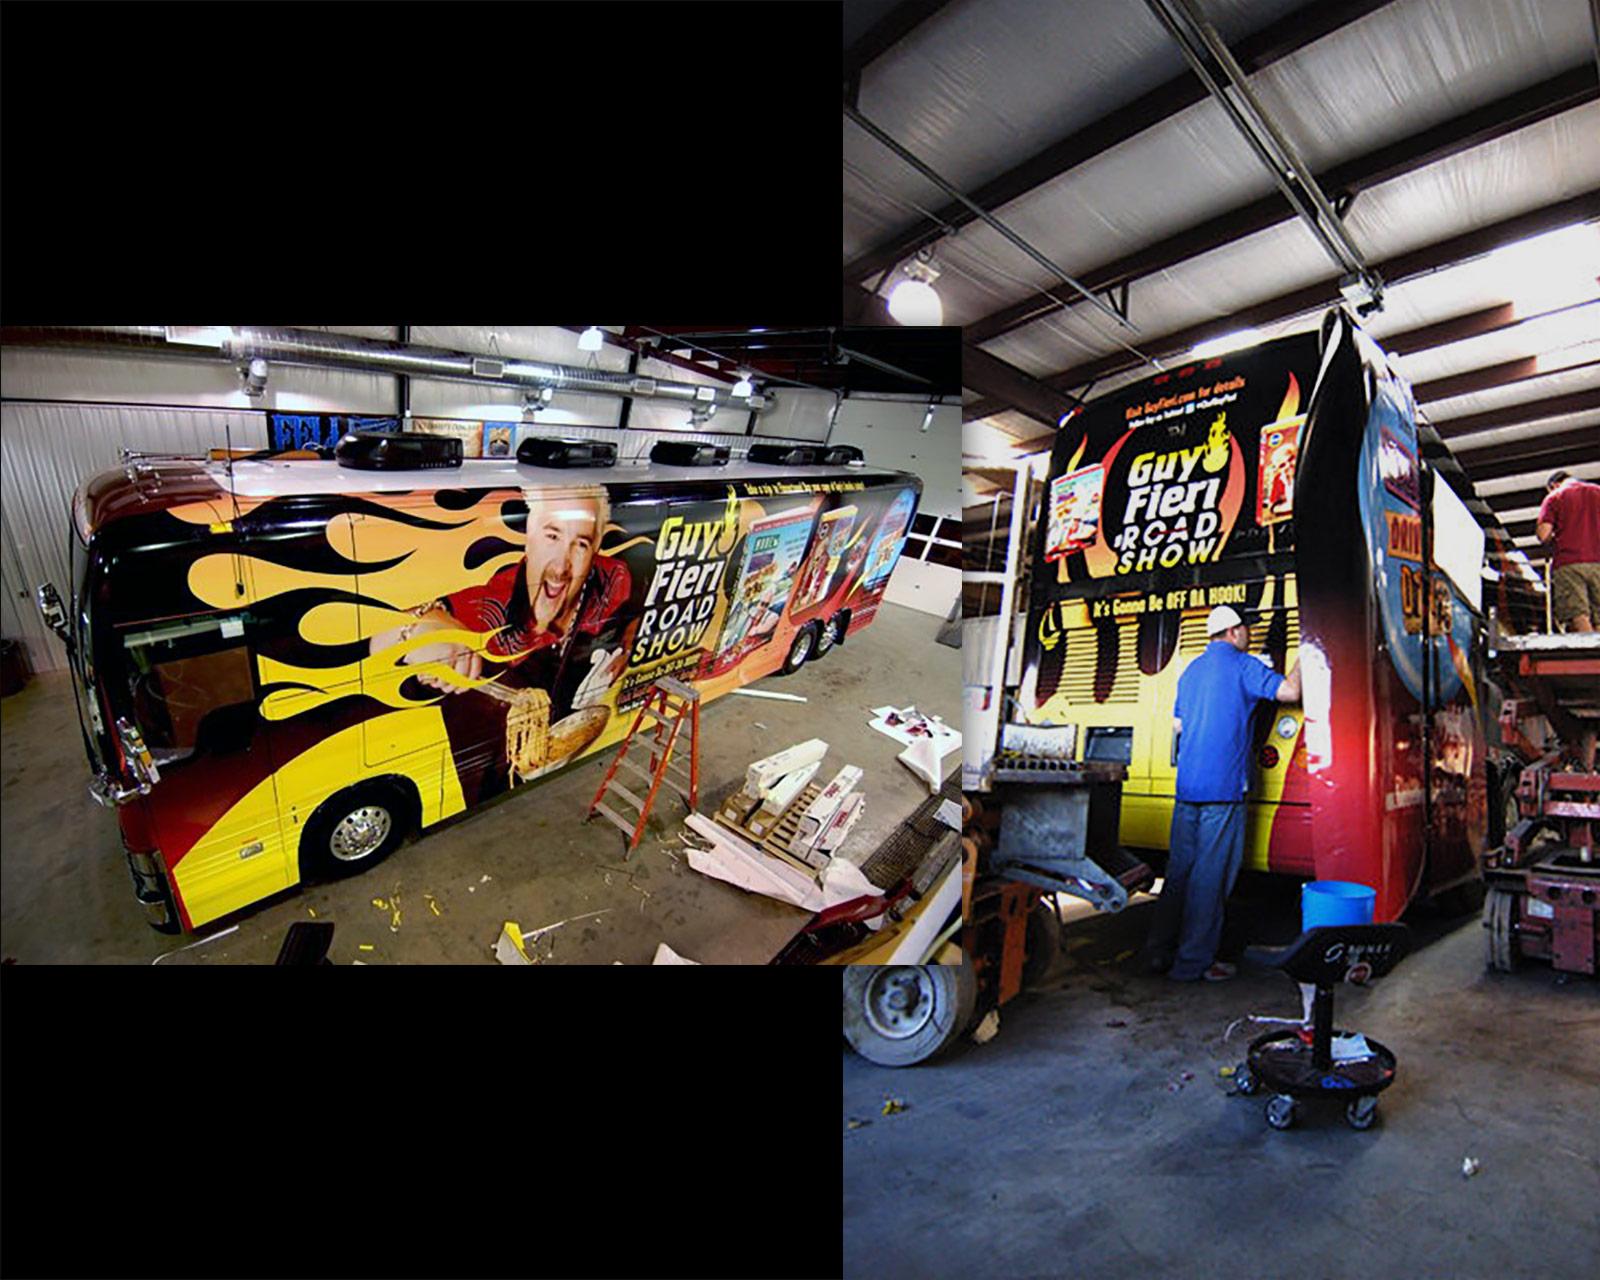 Guy Fieri Road Show - tour bus wrap